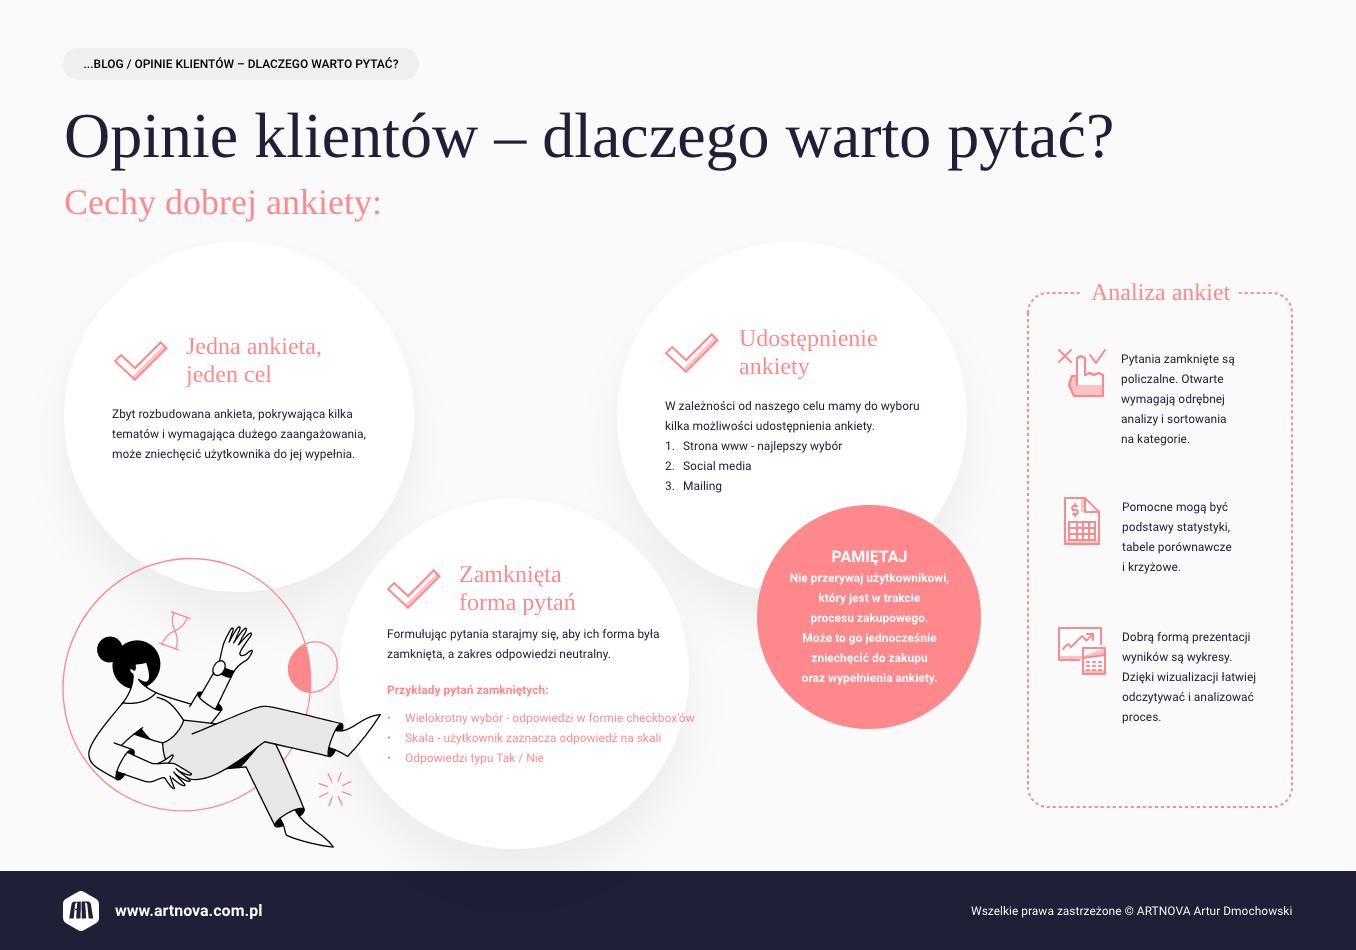 infografika: opinie klientów dlaczego warto pytać